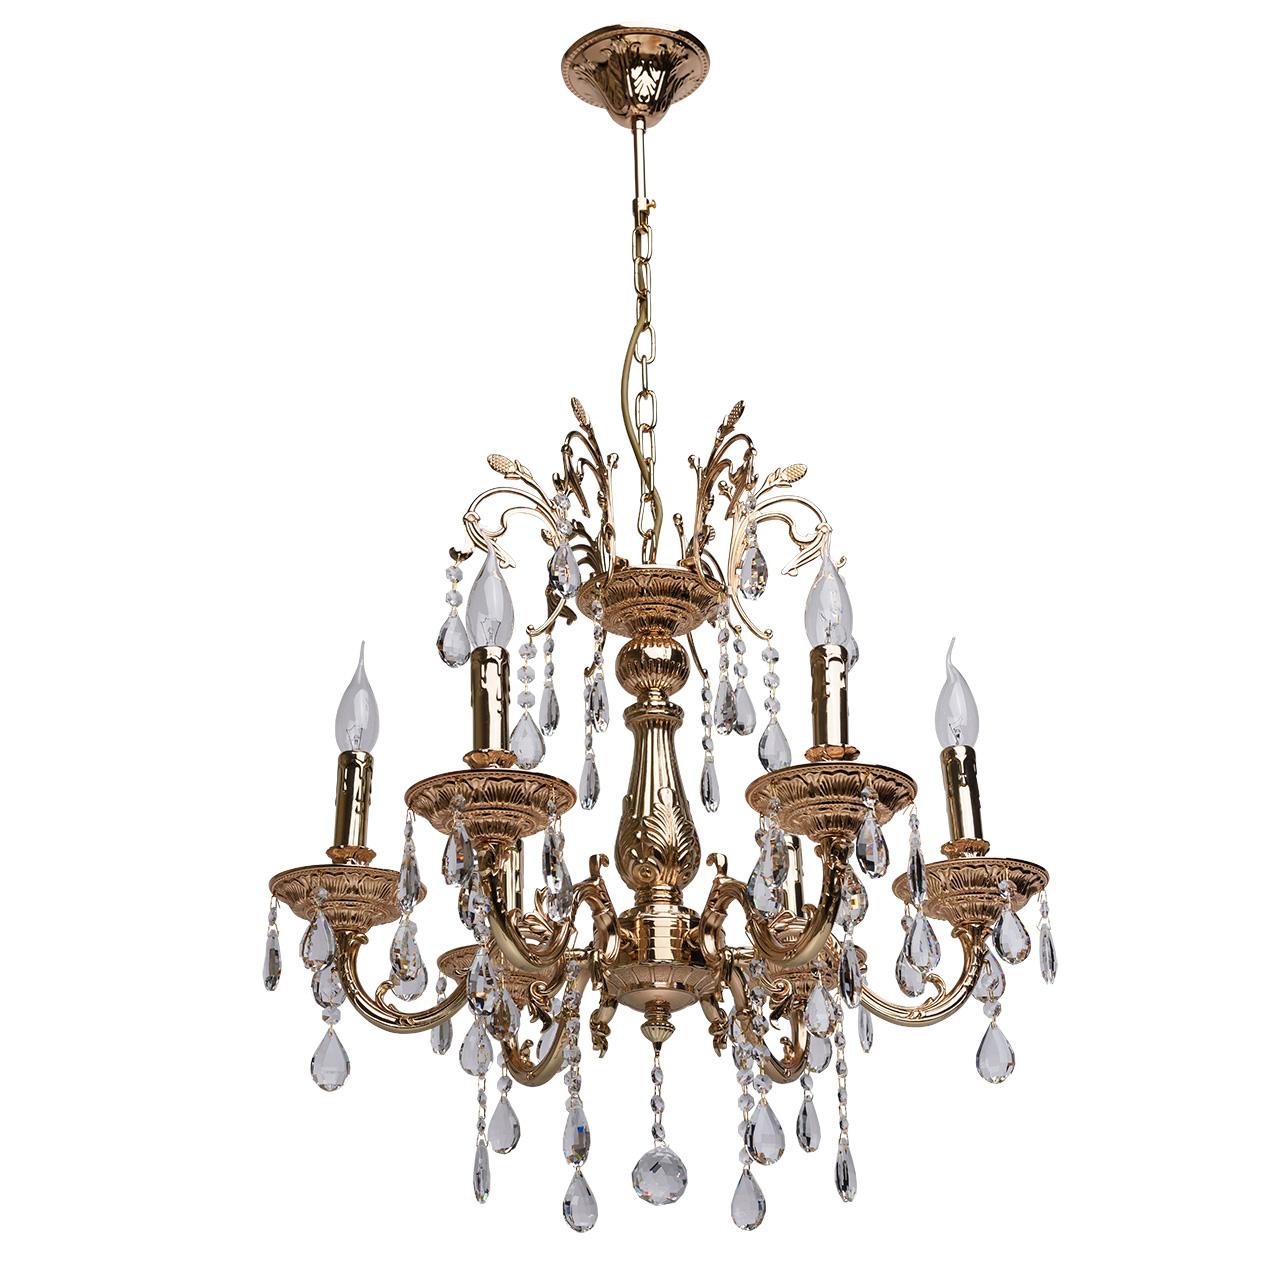 Люстра Mw lightЛюстры<br>Назначение светильника: для спальни, Стиль светильника: классика, Тип: подвесная, Материал светильника: металл, хрусталь, Материал плафона: хрусталь, Материал арматуры: металл, Длина (мм): 450, Ширина: 360, Высота: 930, Количество ламп: 6, Тип лампы: накаливания, Мощность: 60, Патрон: Е14, Цвет арматуры: золото, Родина бренда: Германия, Коллекция: Свеча<br>